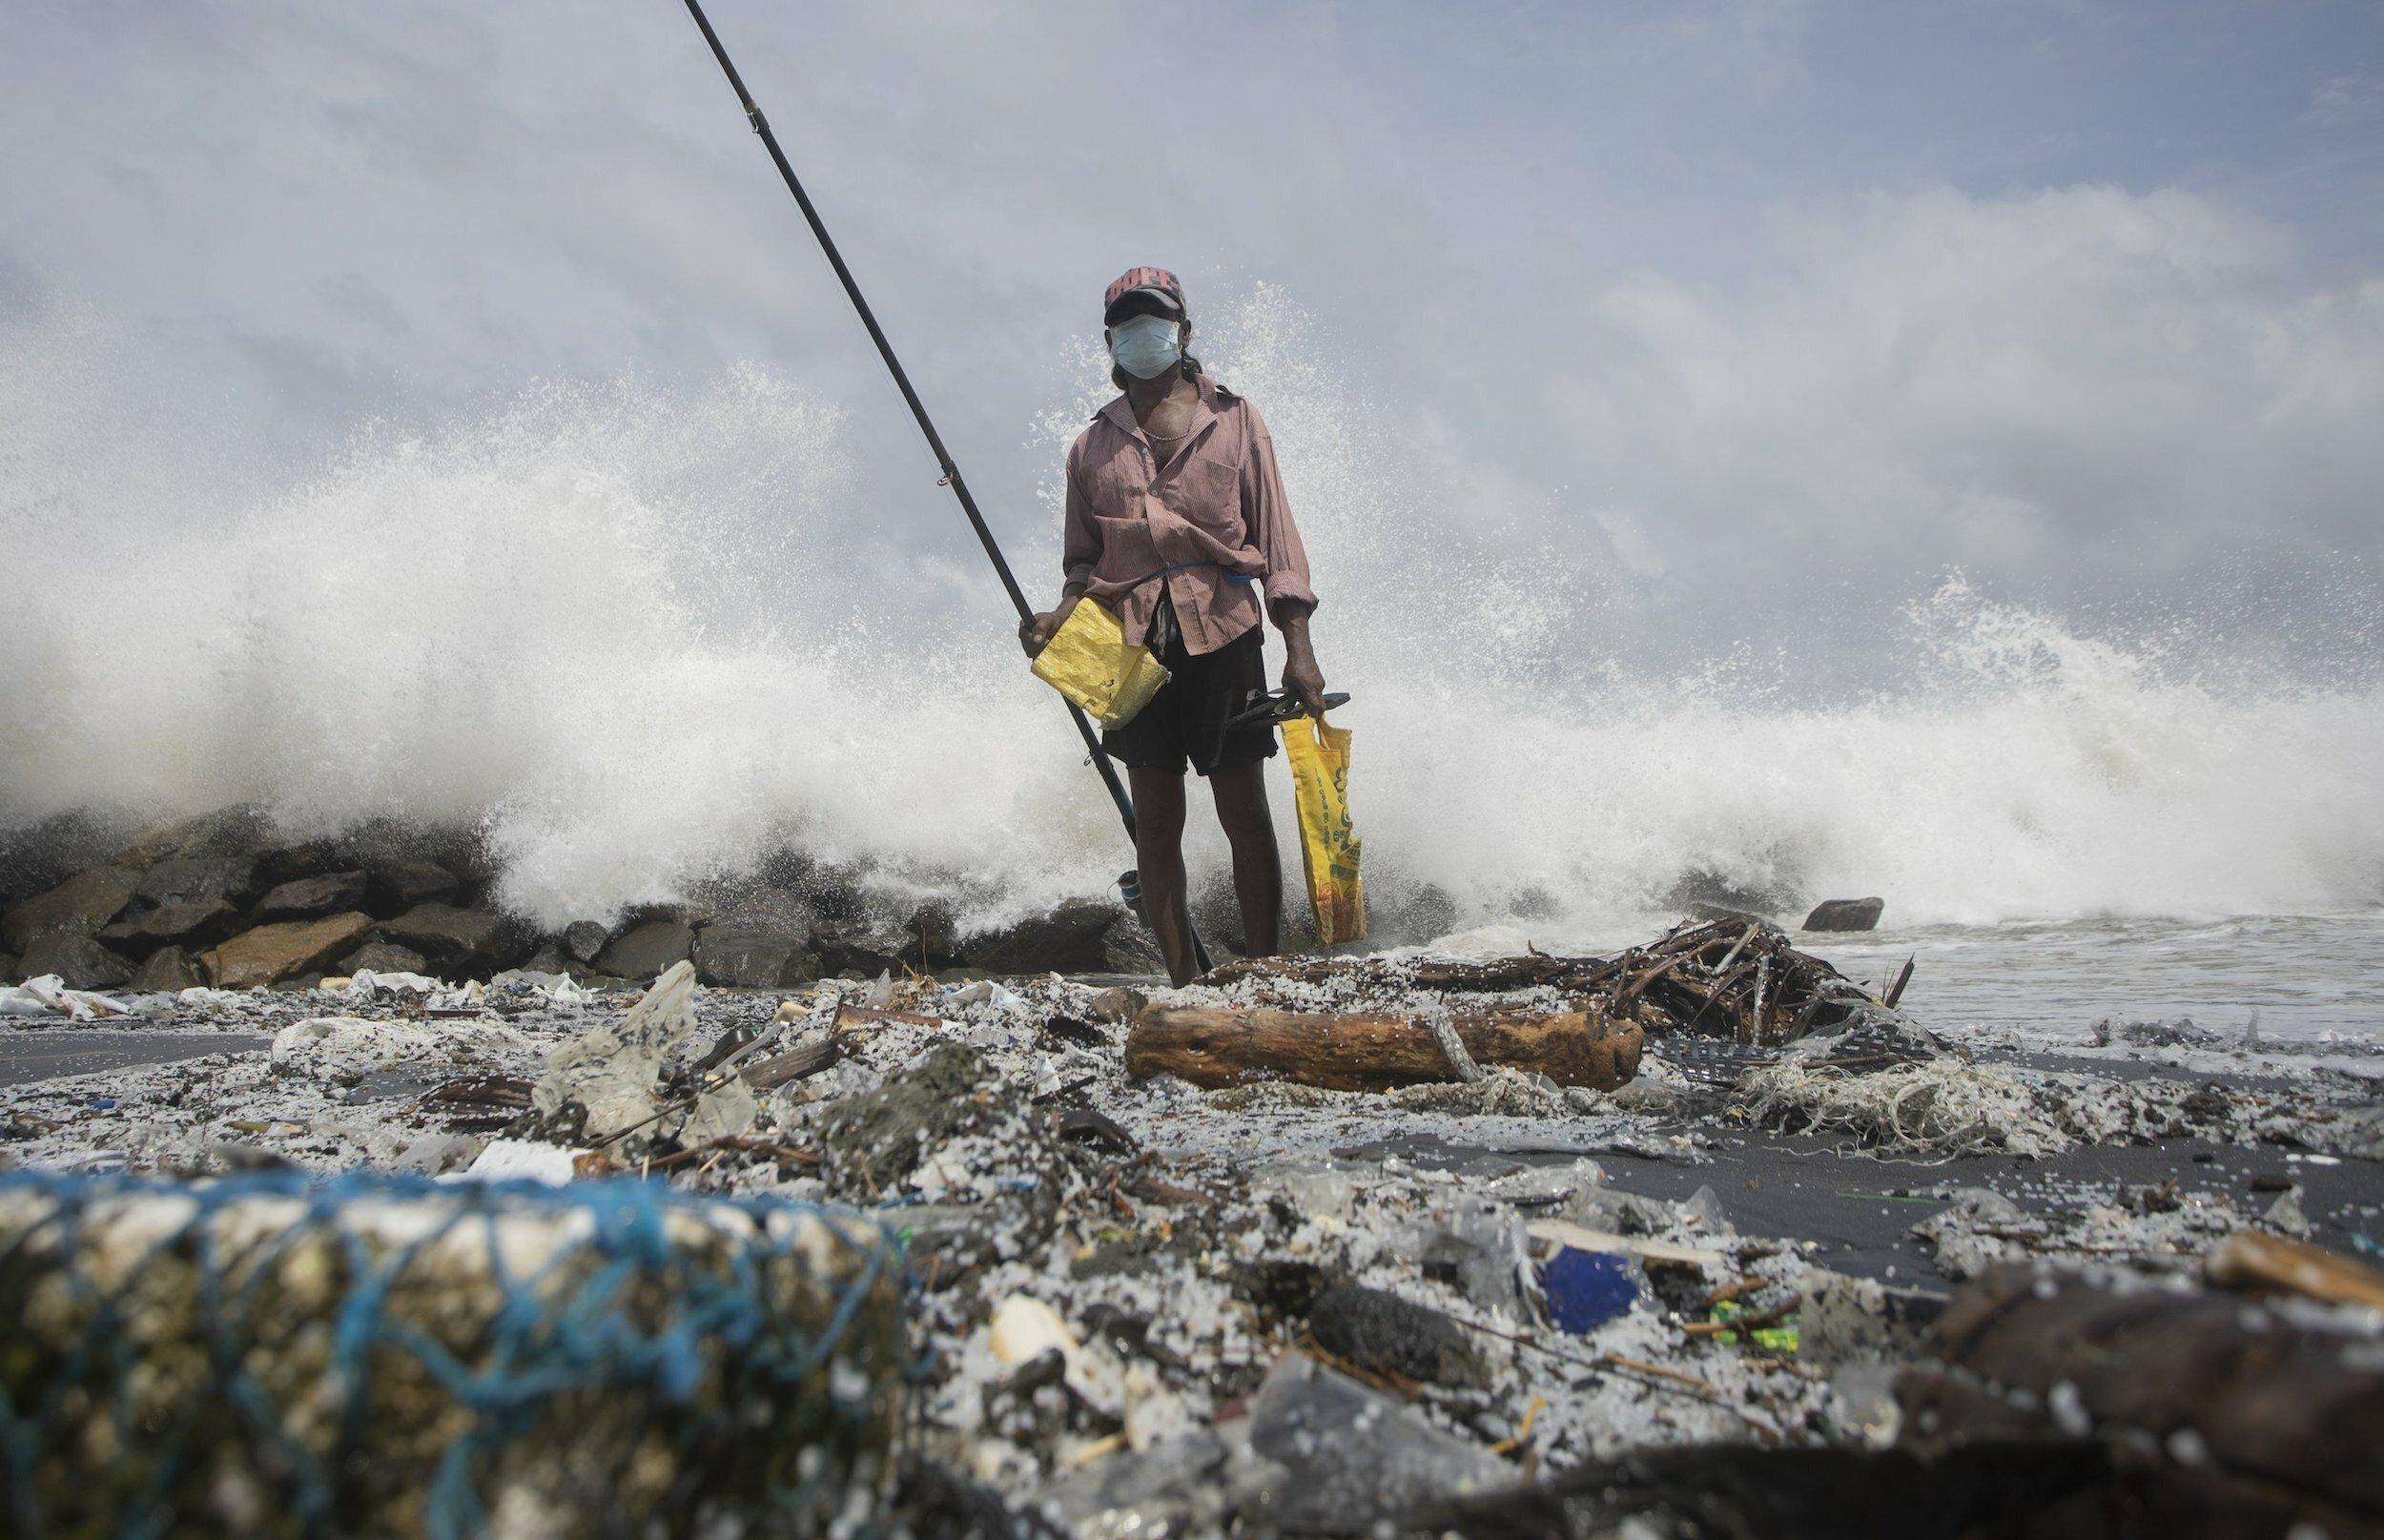 Fischer inmitten von Müll am Strand mit einer langen Angel in der Hand.